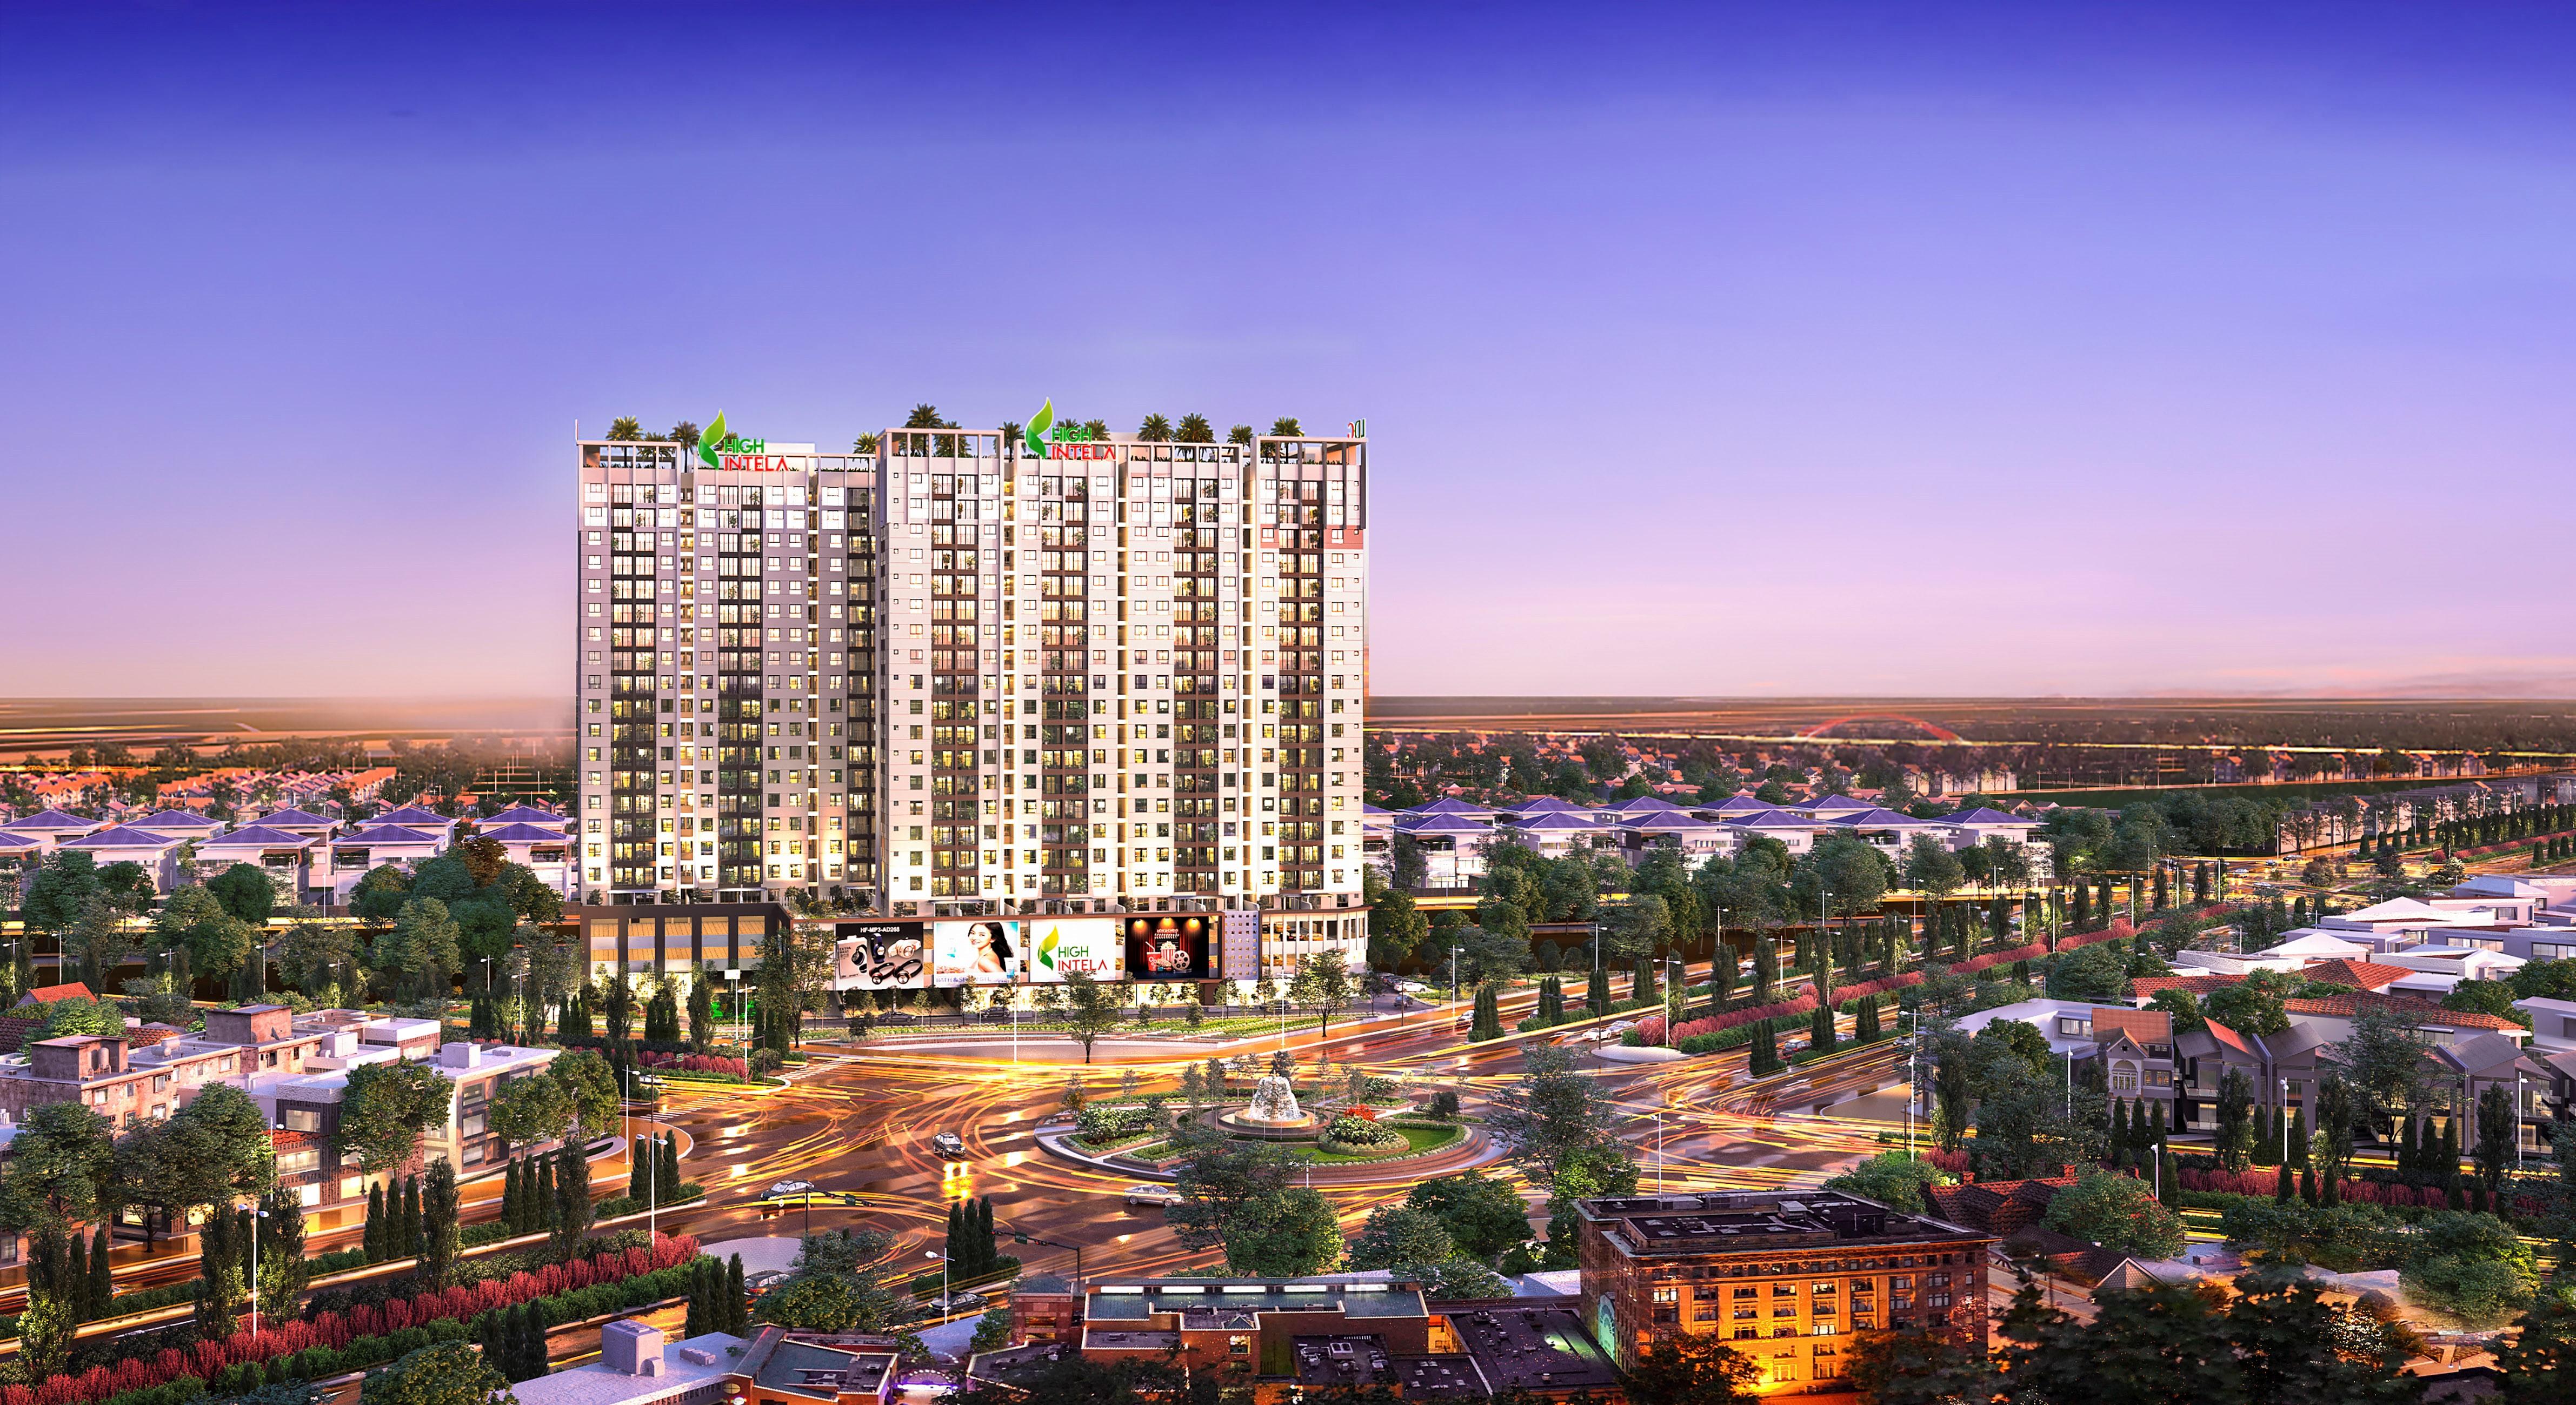 Khu căn hộ thông minh mặt tiền đại lộ High Intela của LDG Group tại khu Tây Sài Gòn.